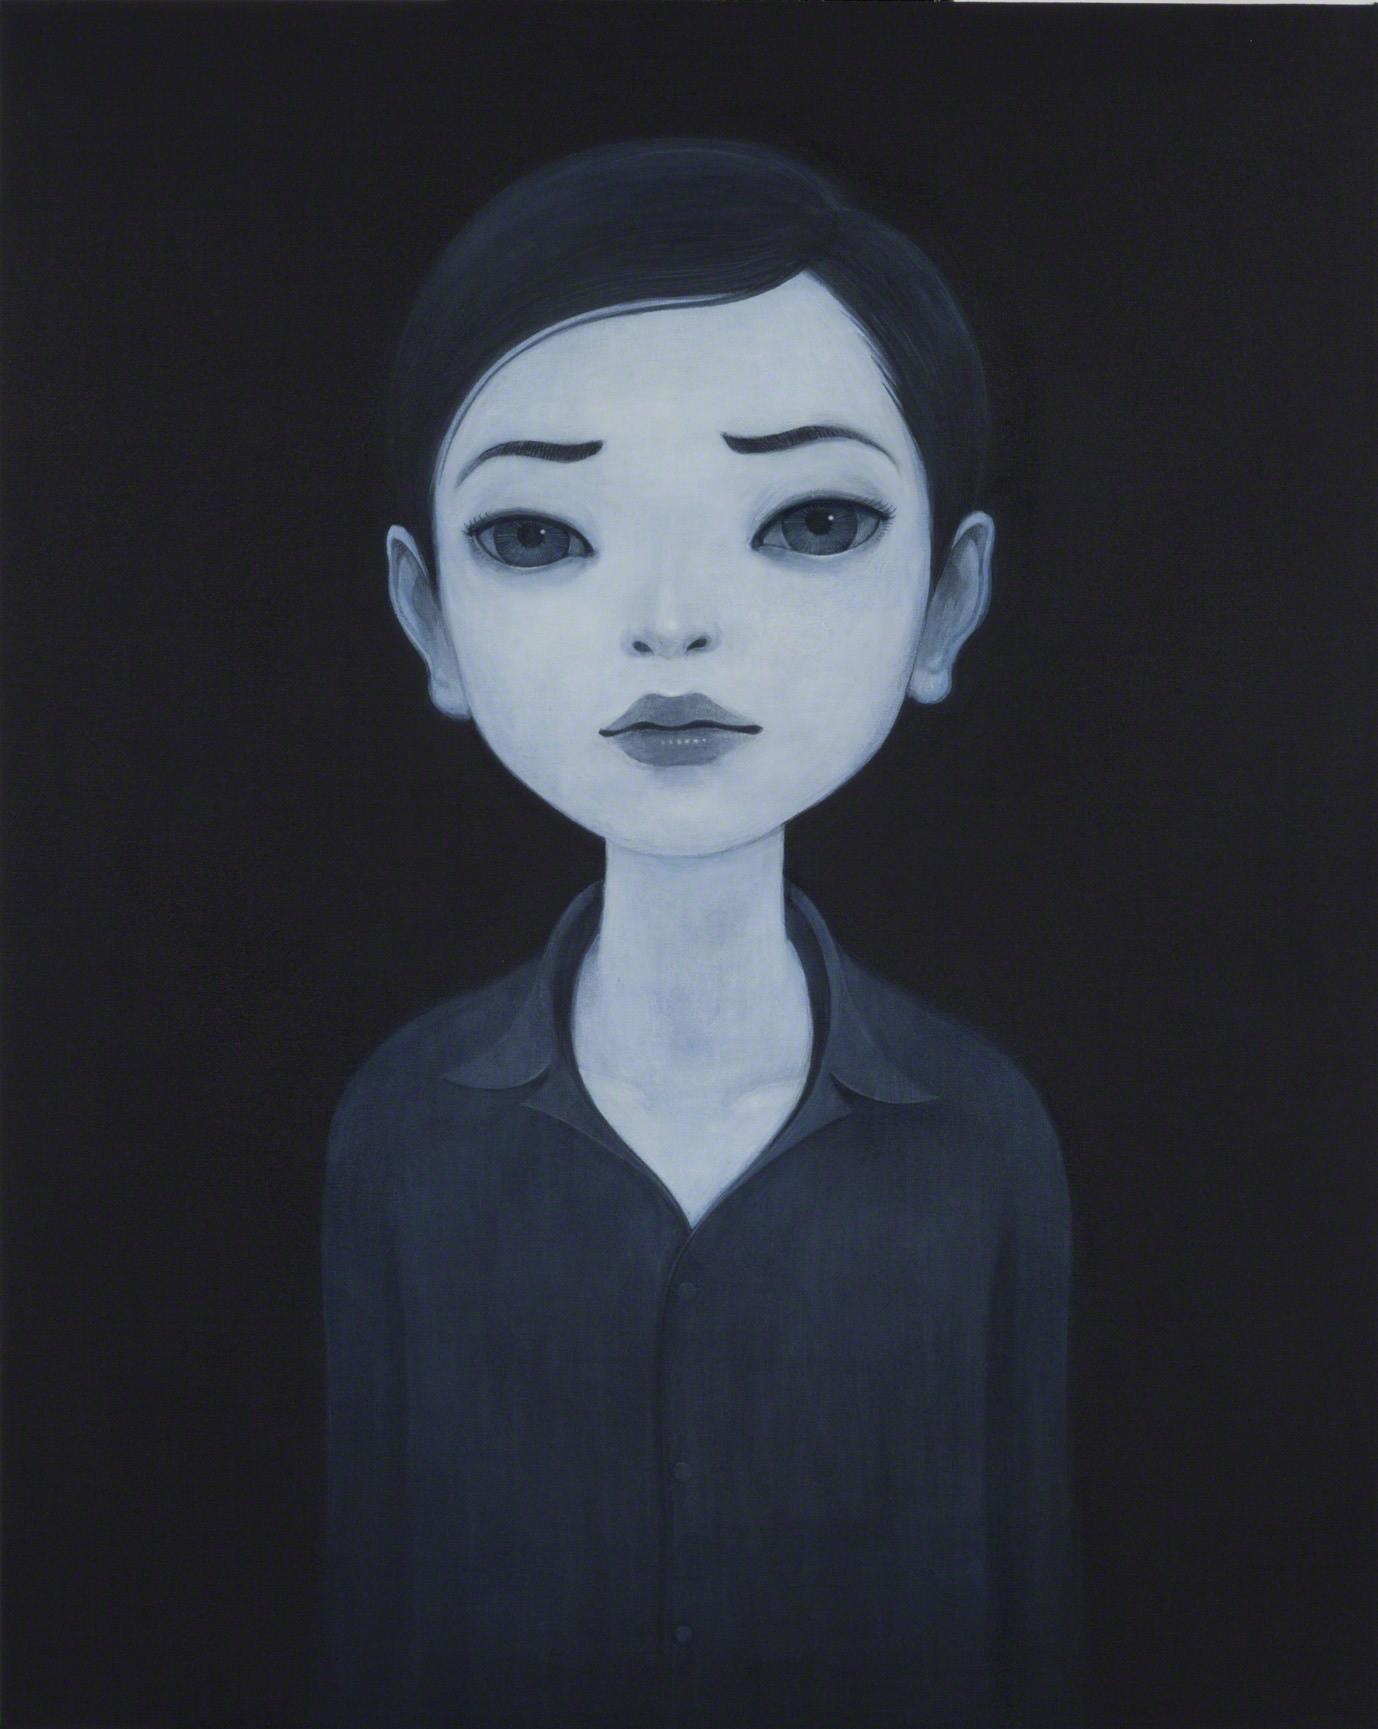 , '7:3,' 2009, Tomio Koyama Gallery